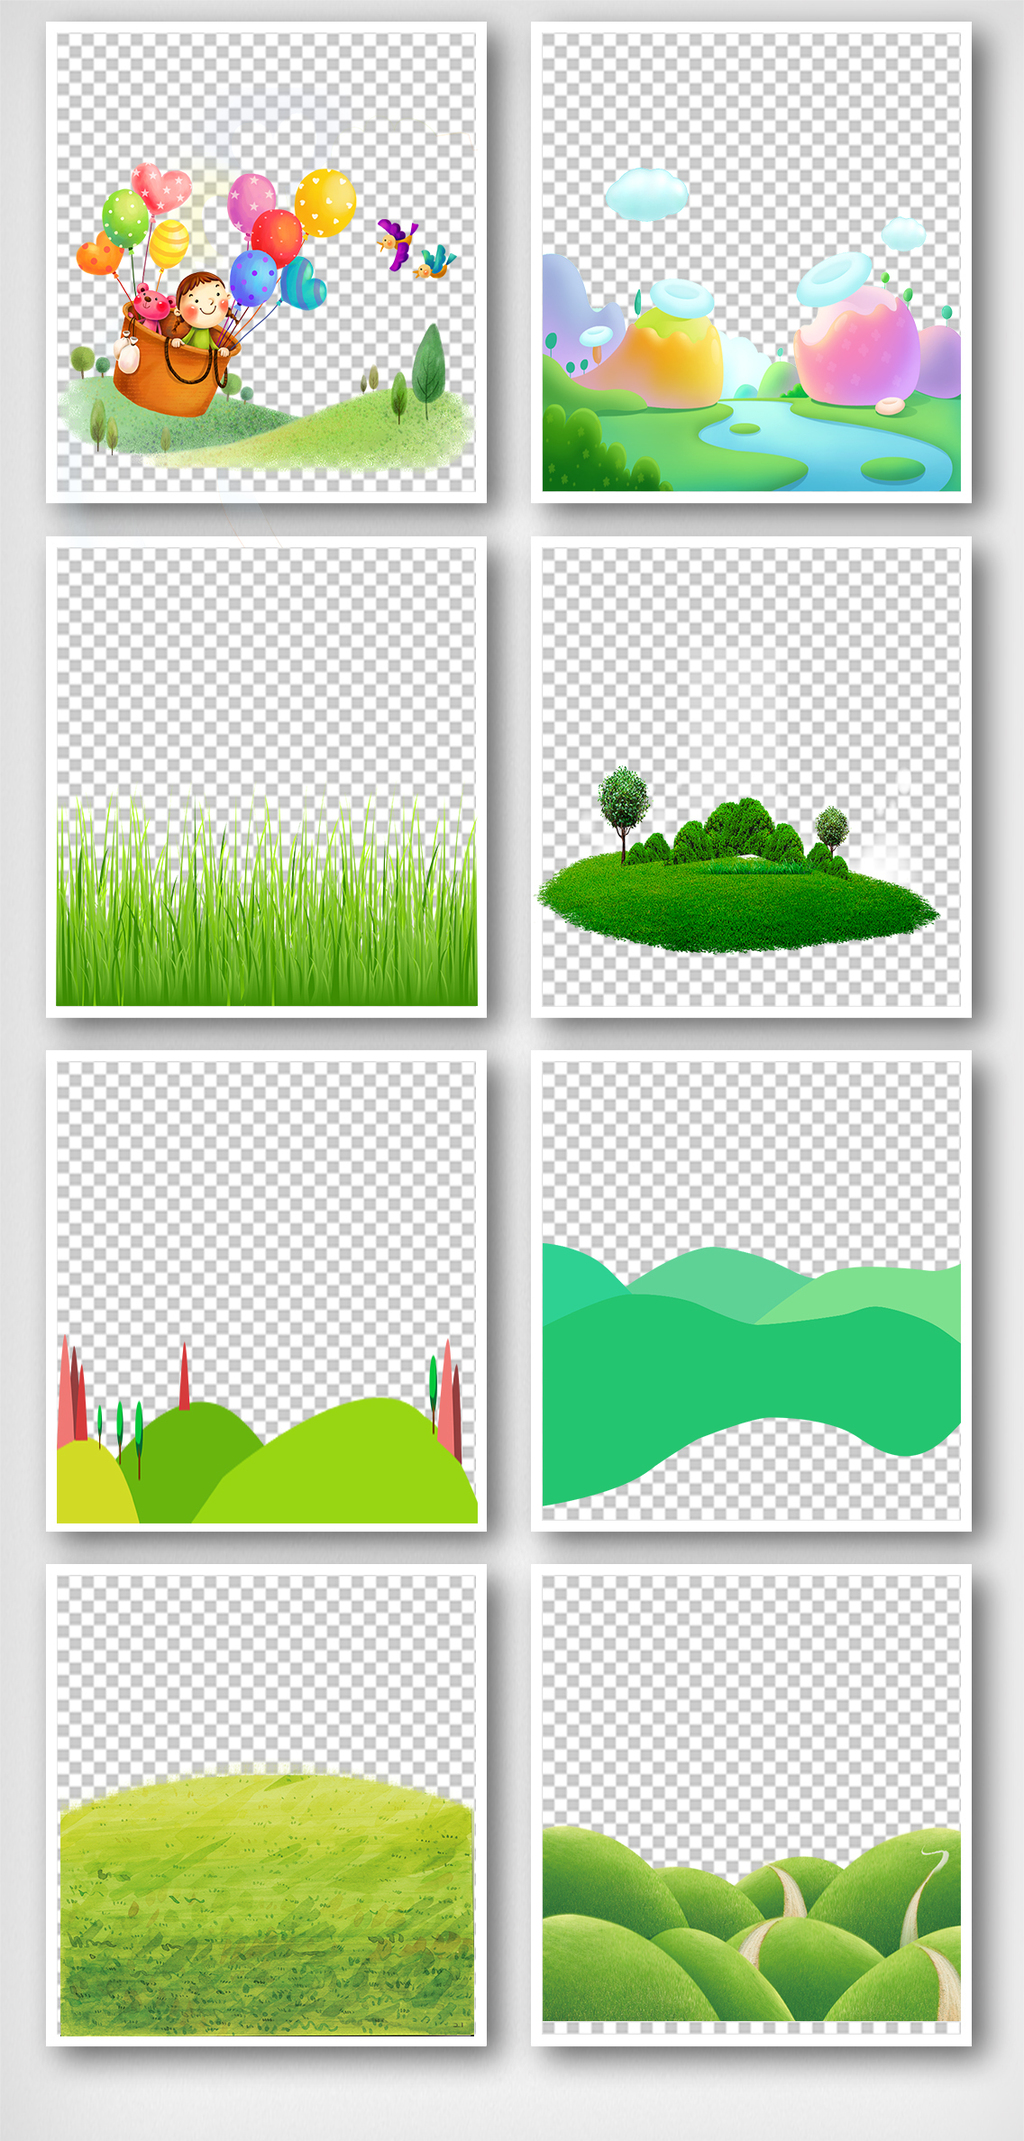 卡通手绘草地手抄报元素